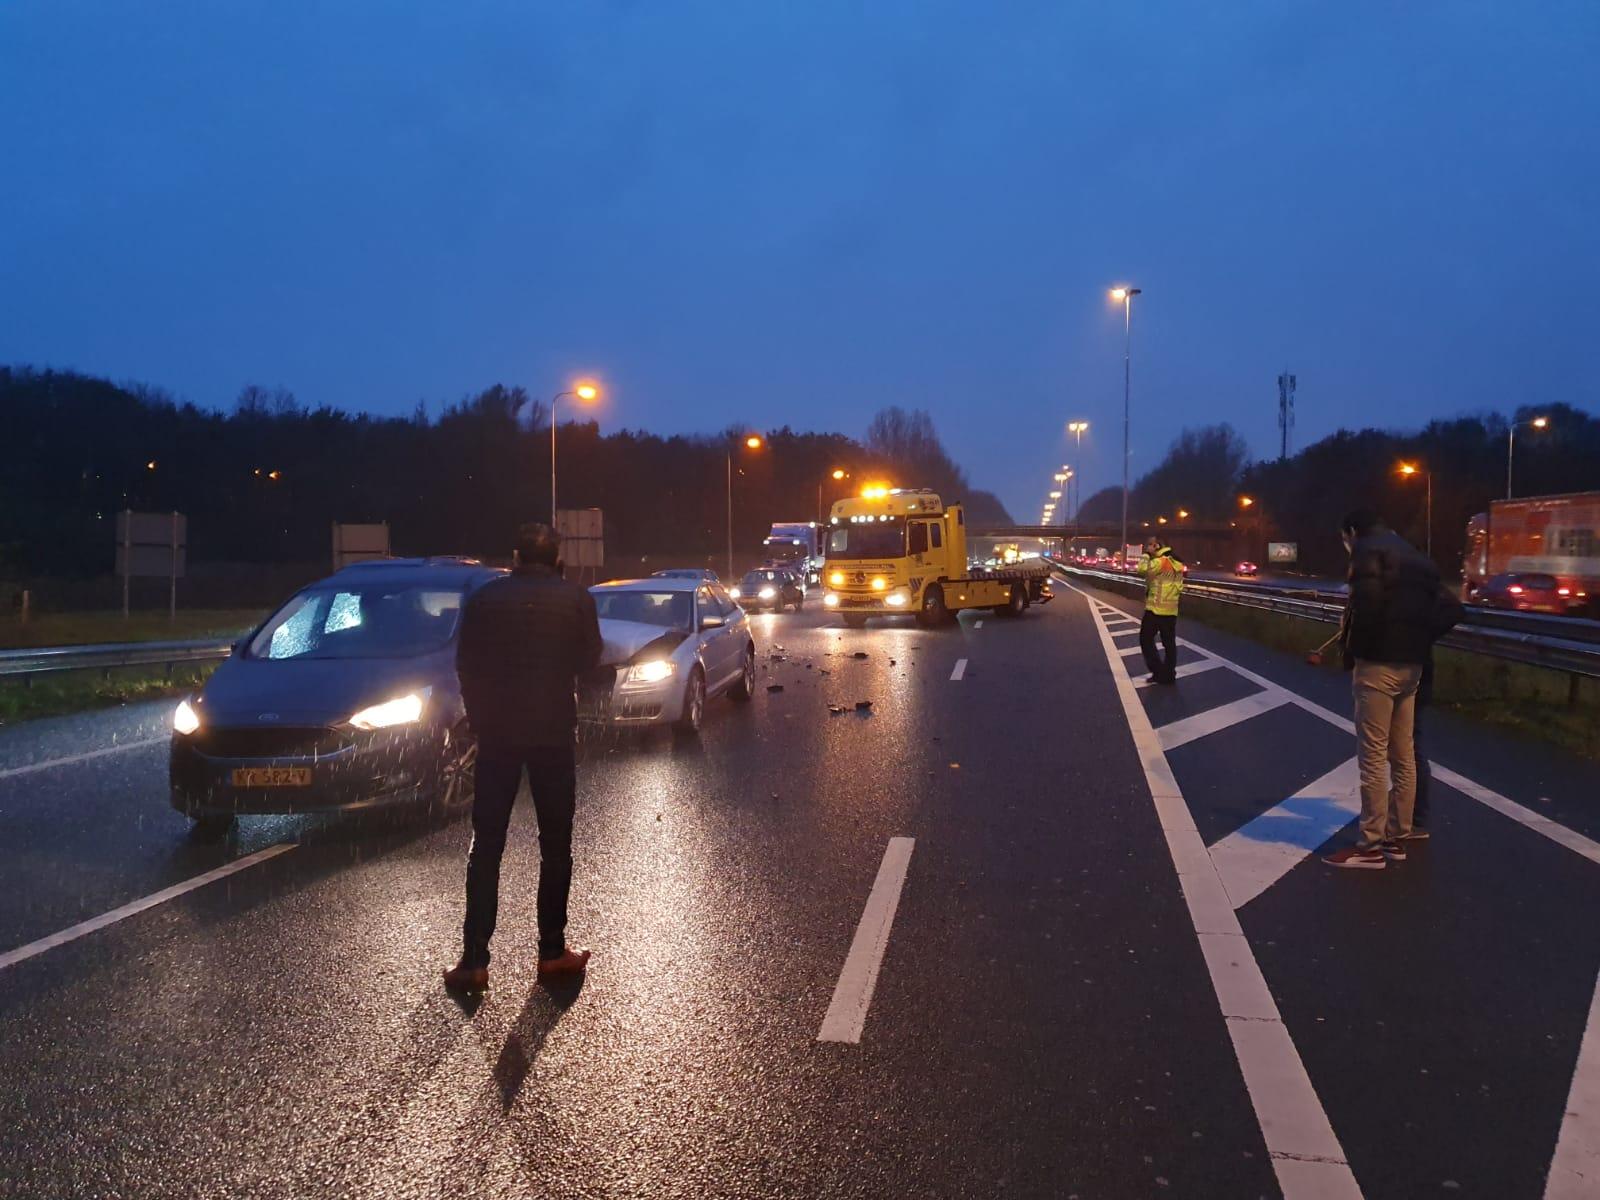 Veel vertraging na kop-staart aanrijding A20 Nieuwerkerk aan den IJssel